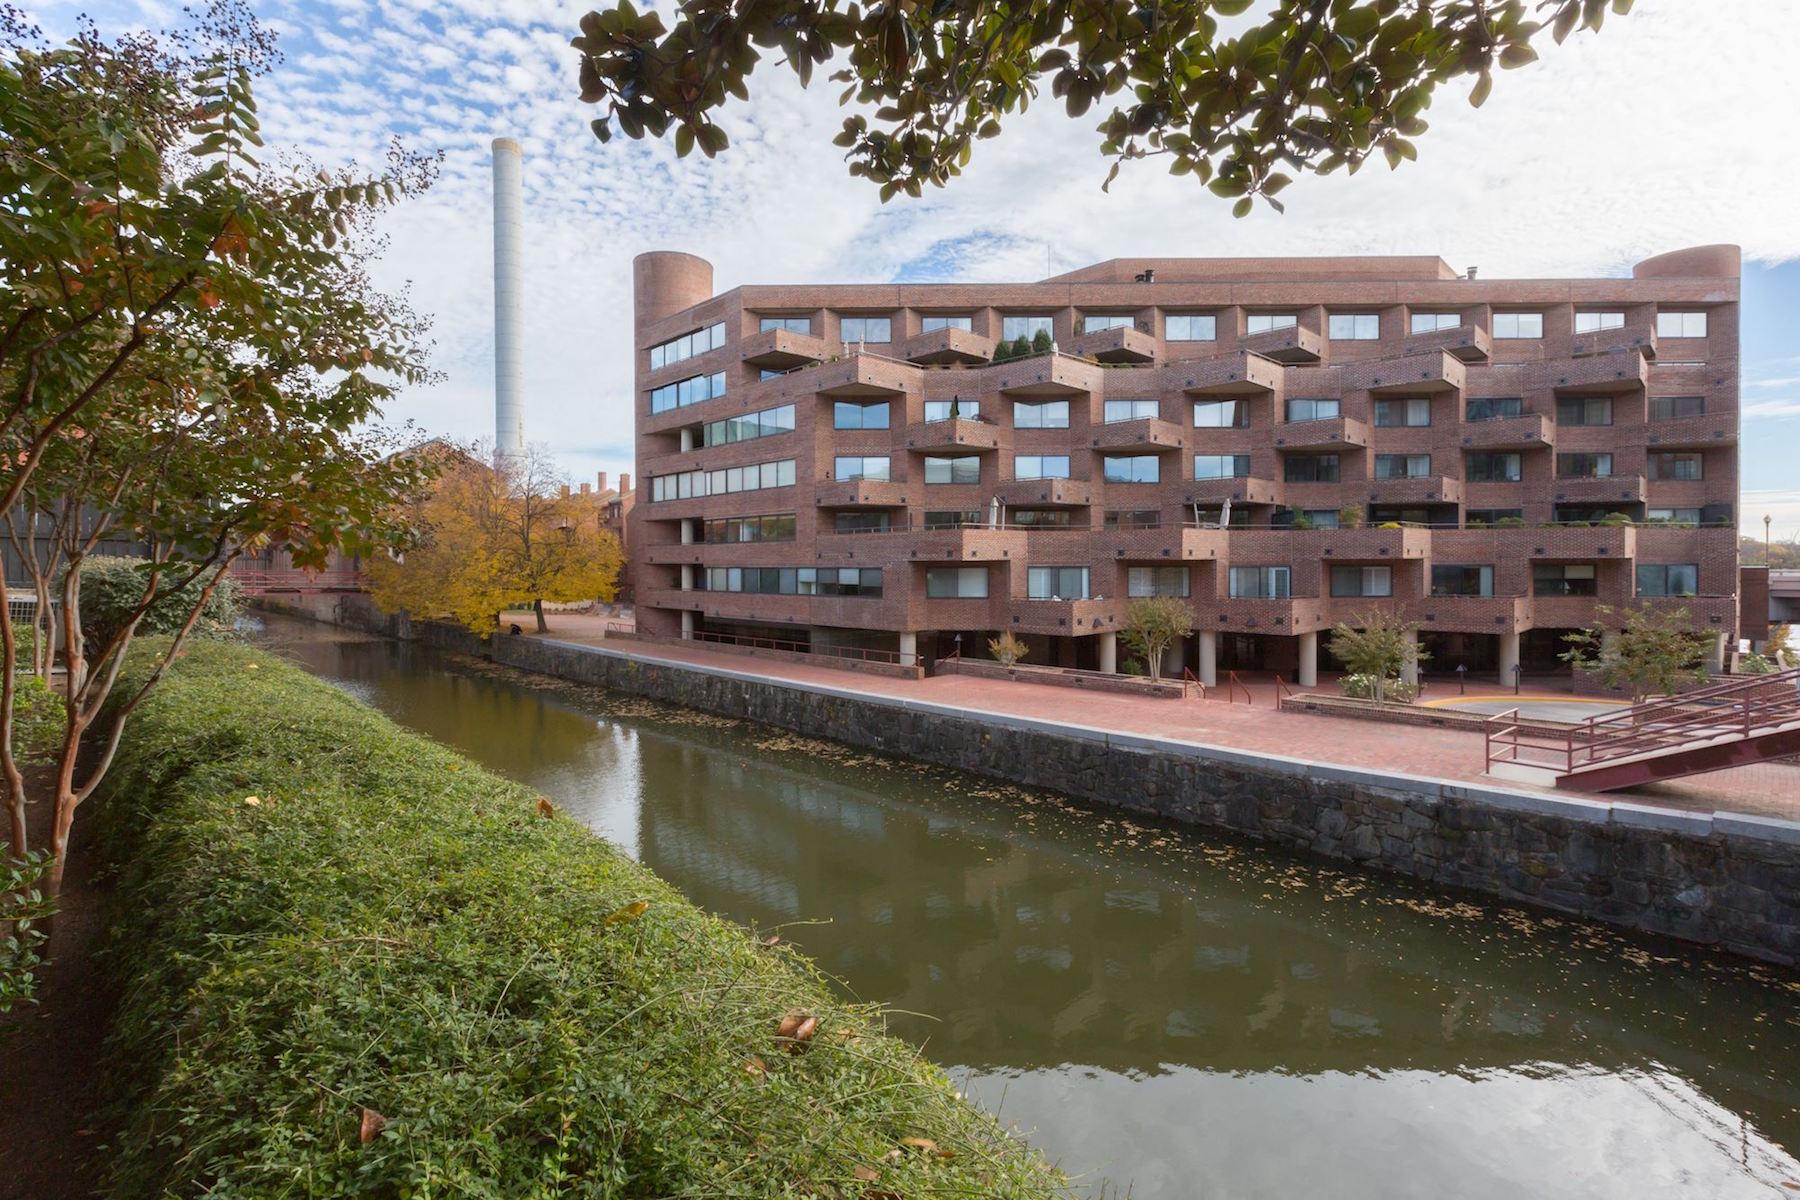 Eigentumswohnung für Verkauf beim Georgetown 1015 33rd Street Nw 707 Georgetown, Washington, District Of Columbia, 20007 Vereinigte Staaten